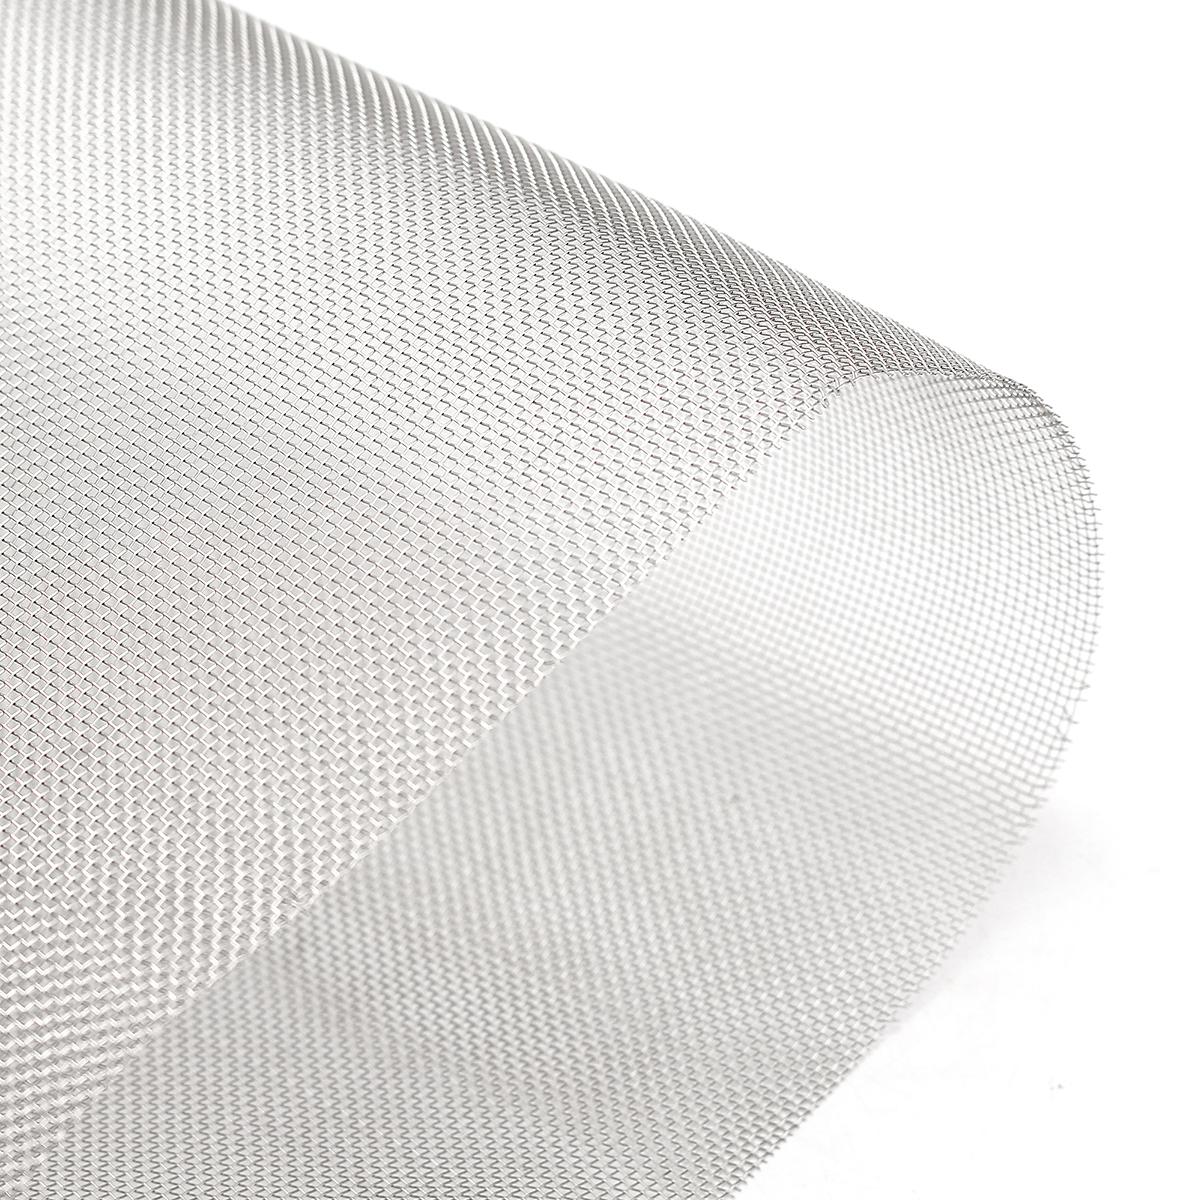 30x40cm alambre tejido 304 filtro de acero inoxidable - Filtro de malla ...